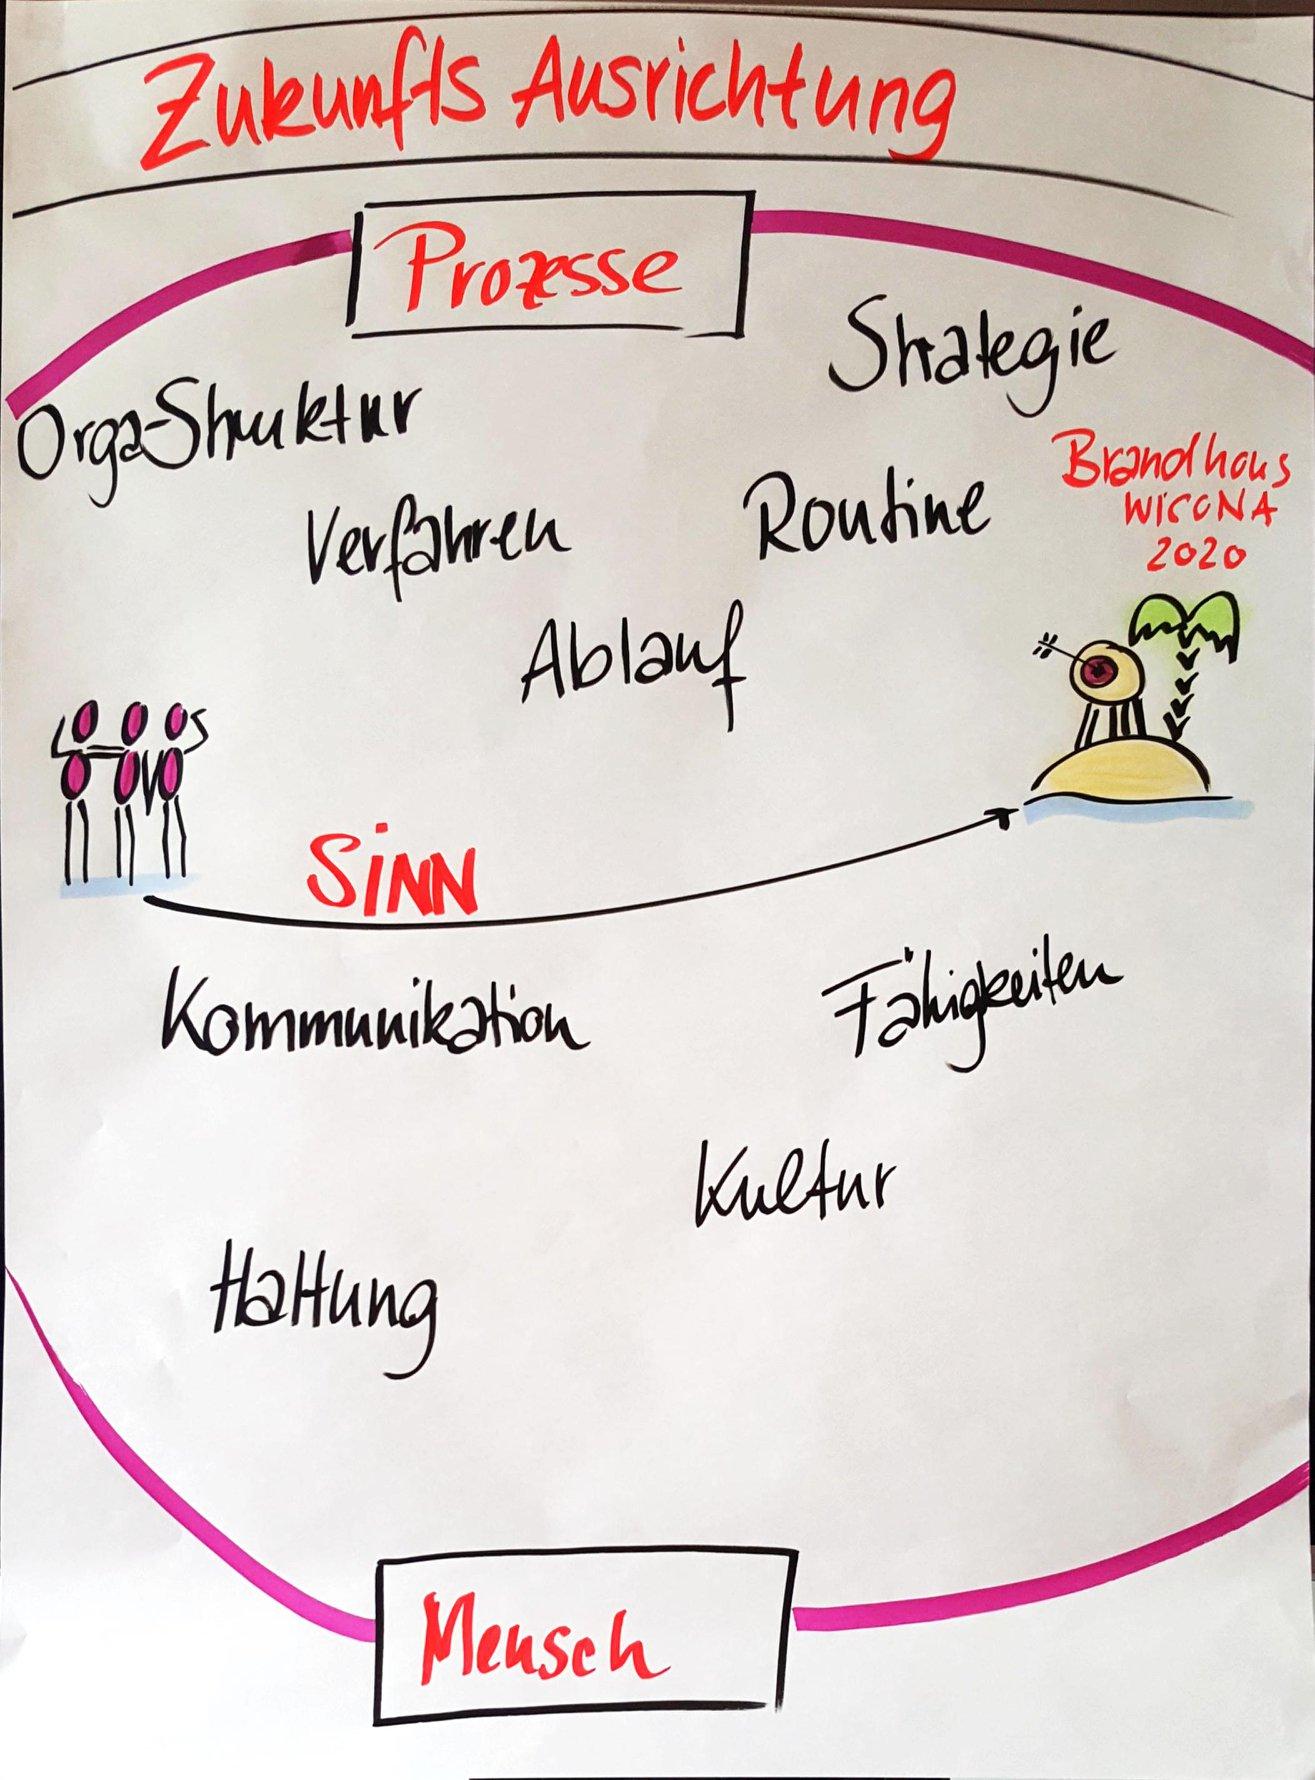 Deutsch-Schweizerisches Team unterstützt ein Management-Team bei ihrem Change-Prozess